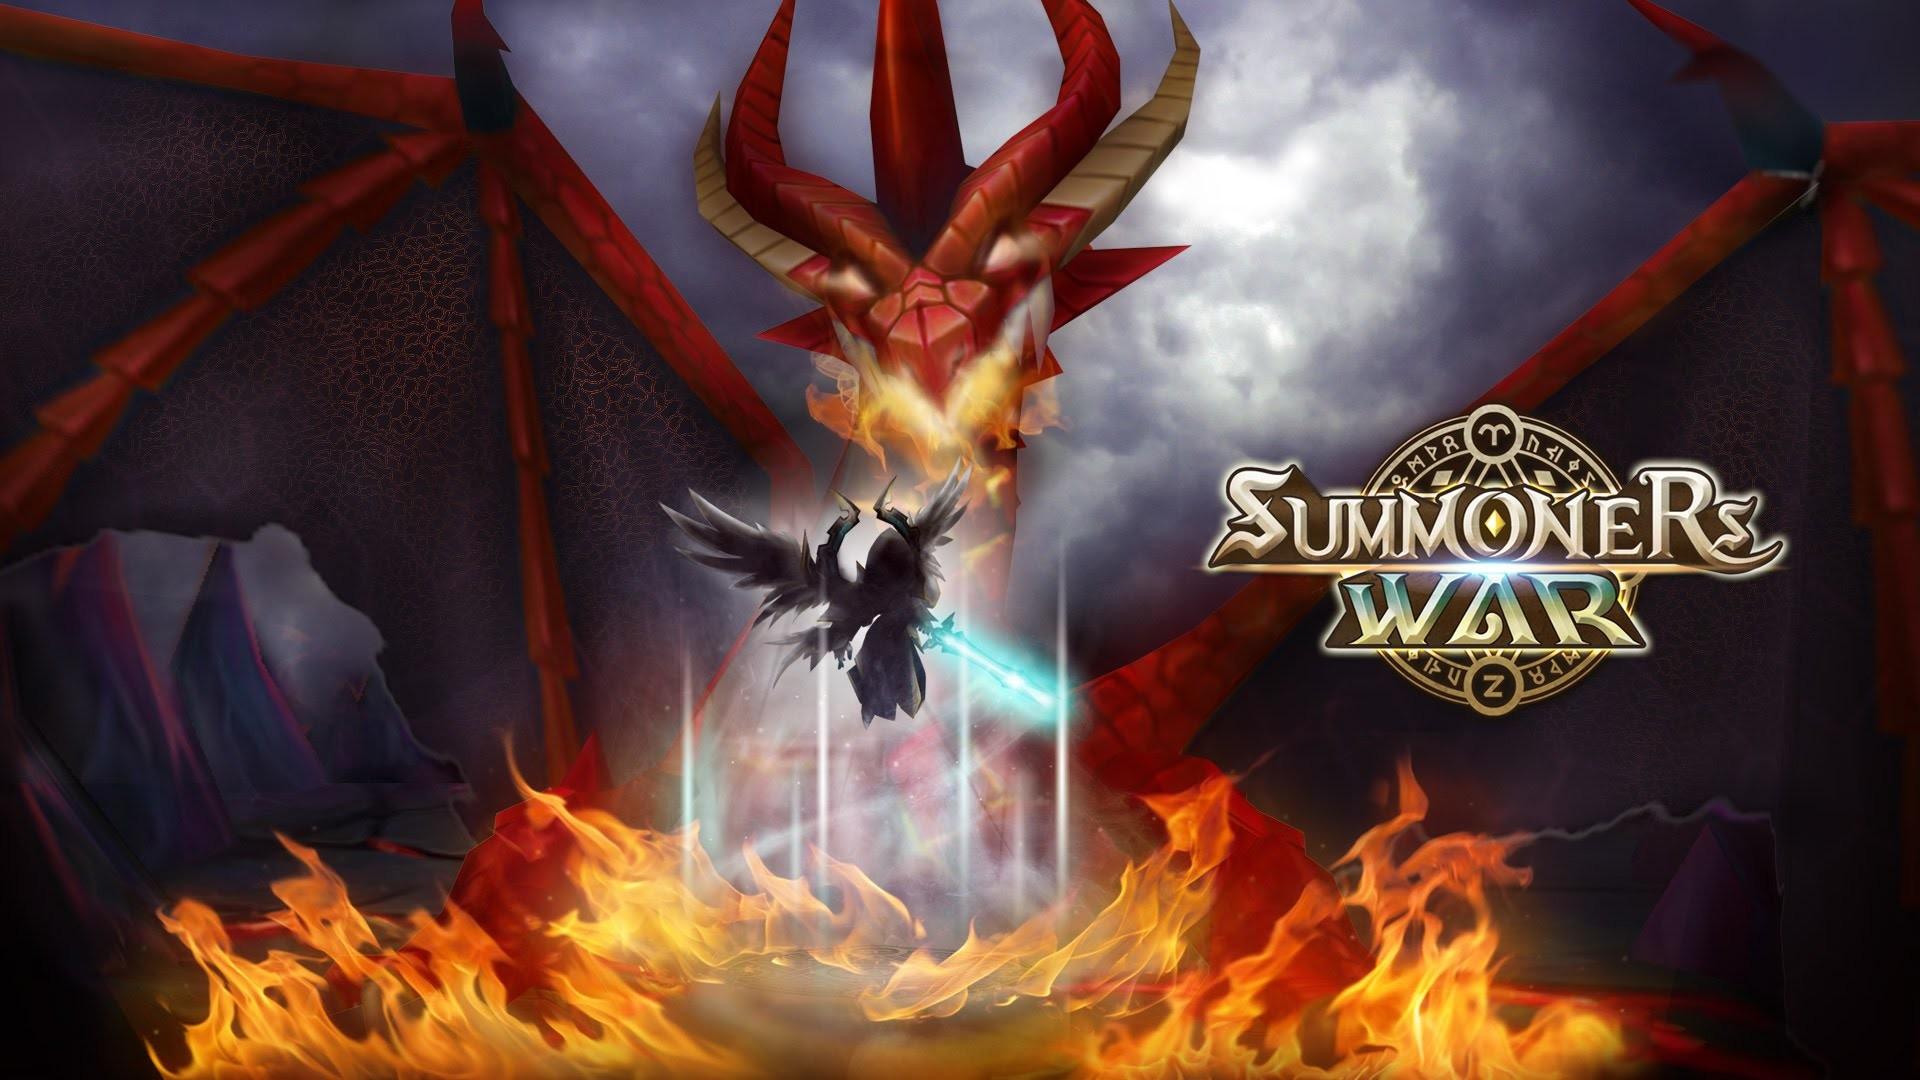 Res: 1920x1080, Summoners War: Sky Arena HD Wallpapers